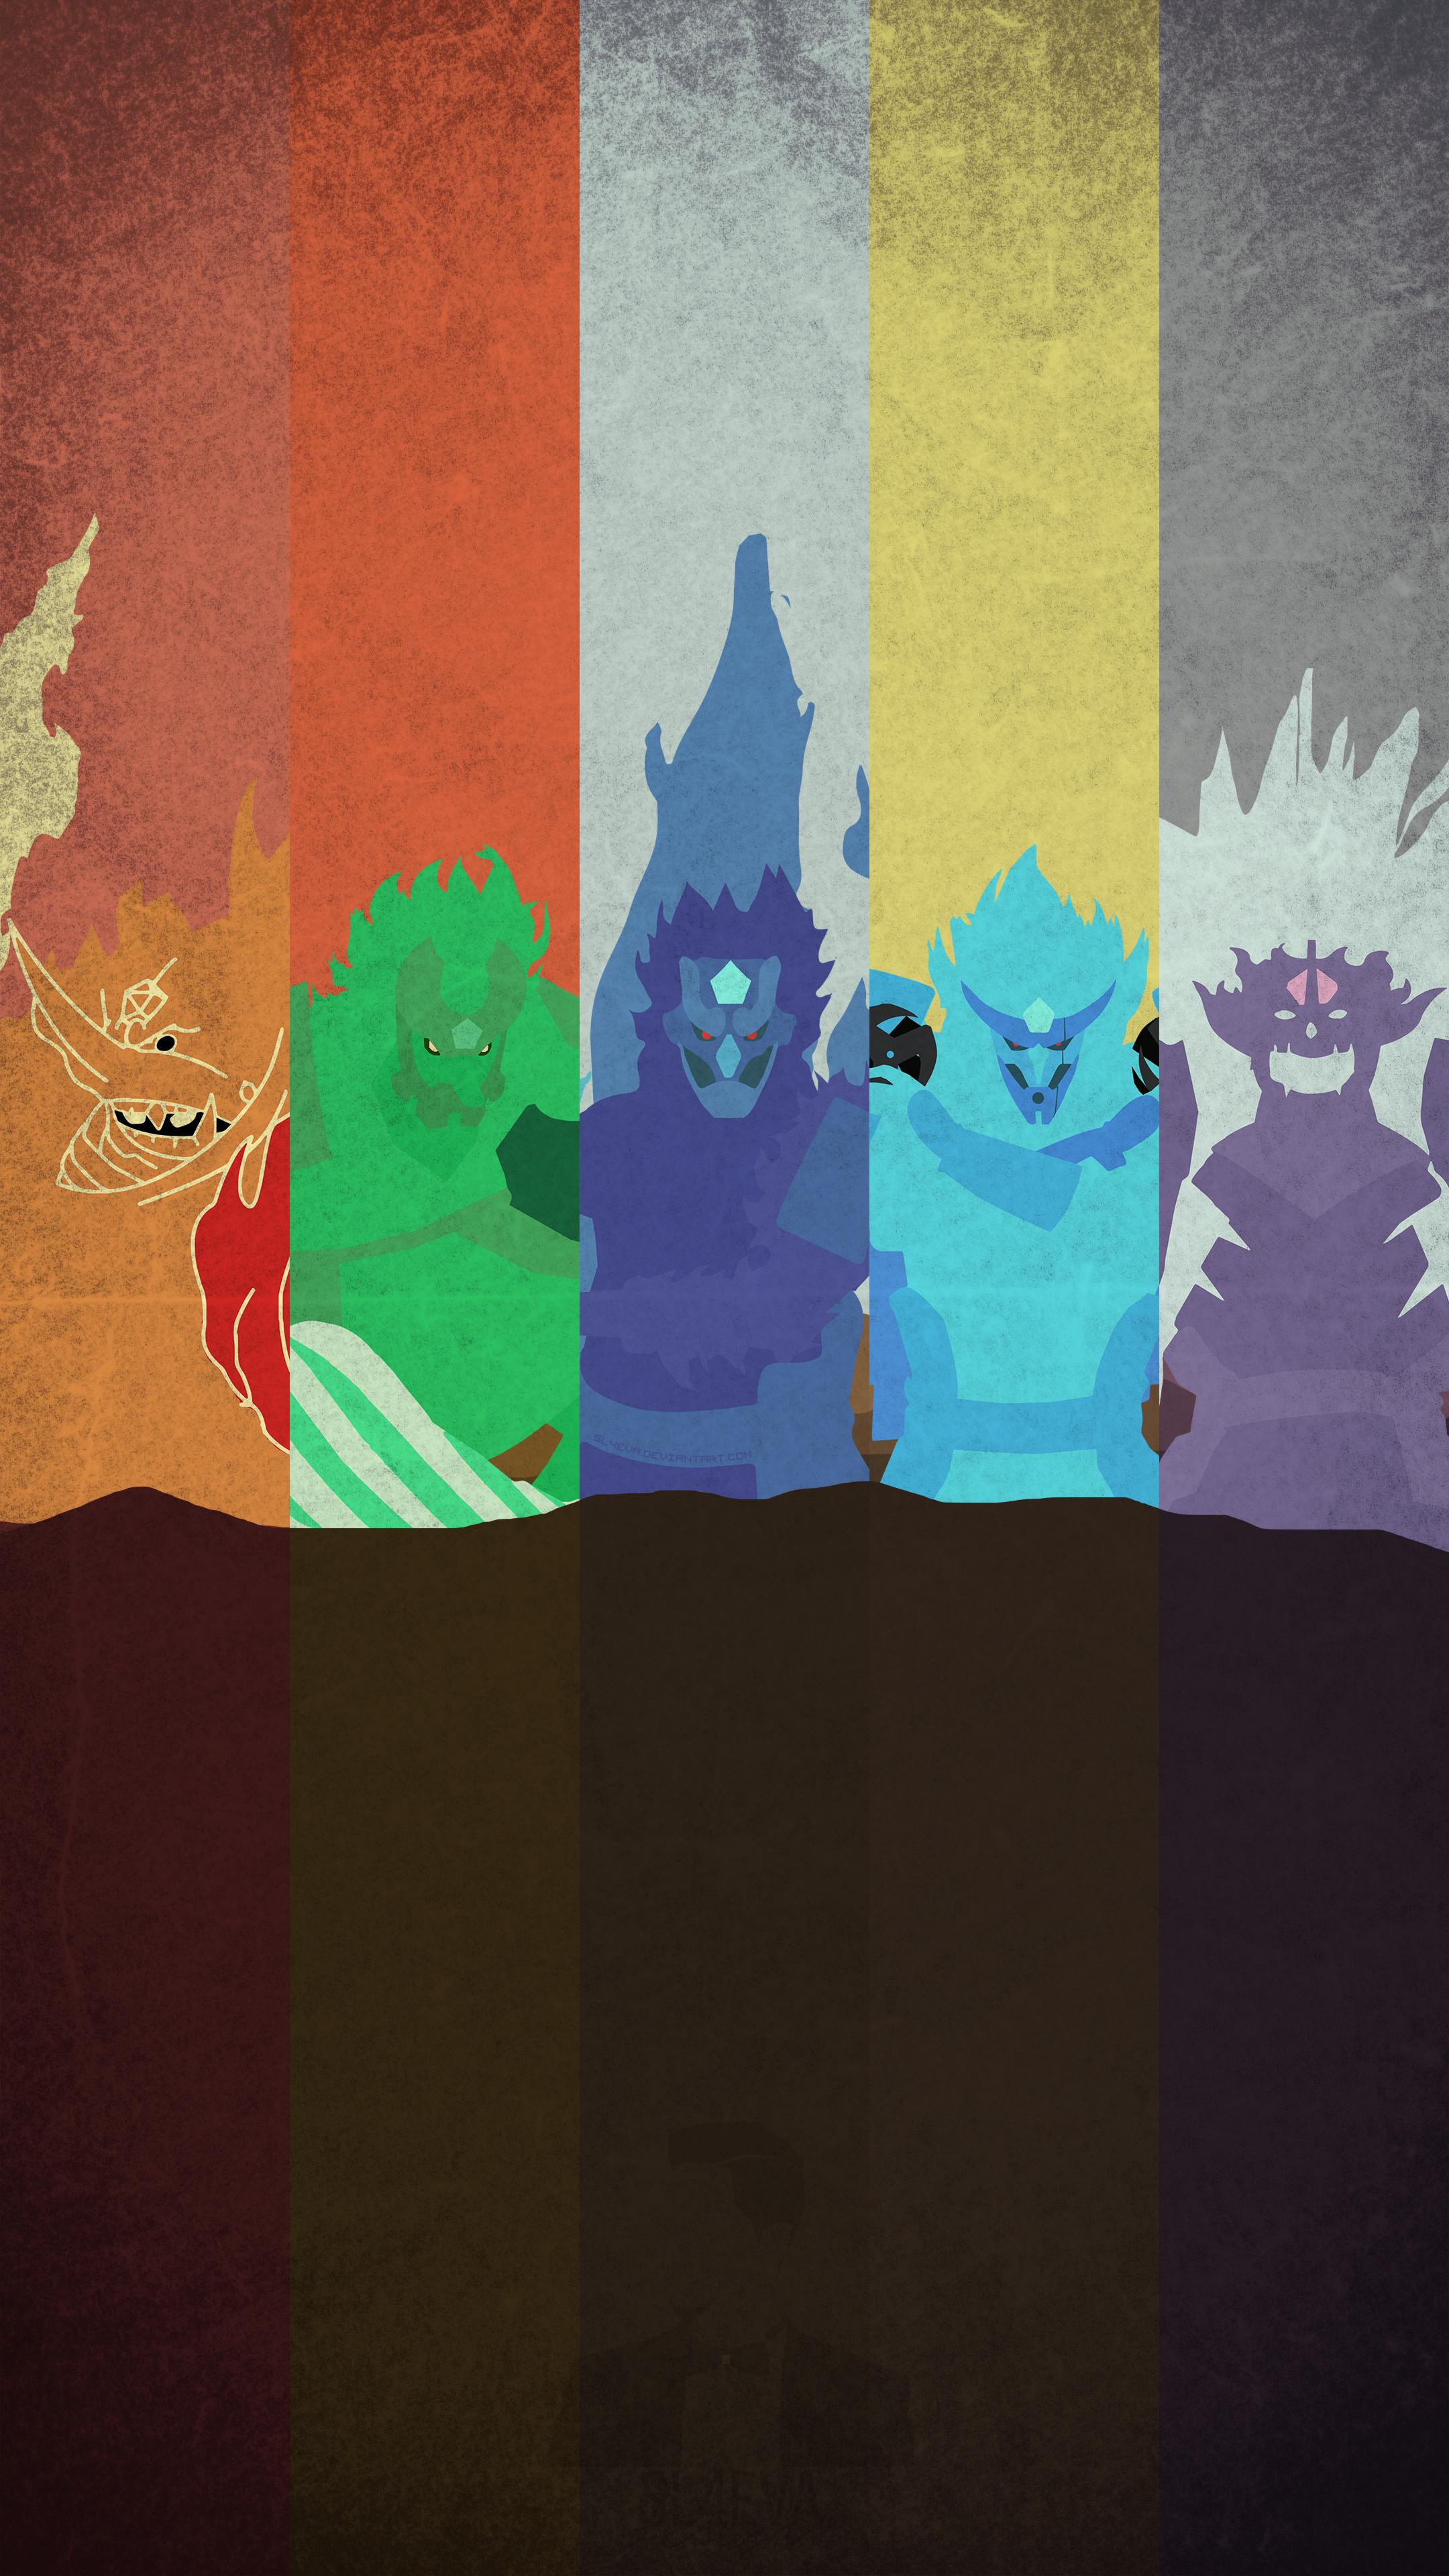 Naruto Minimal Wallpapers - Wallpaper Cave